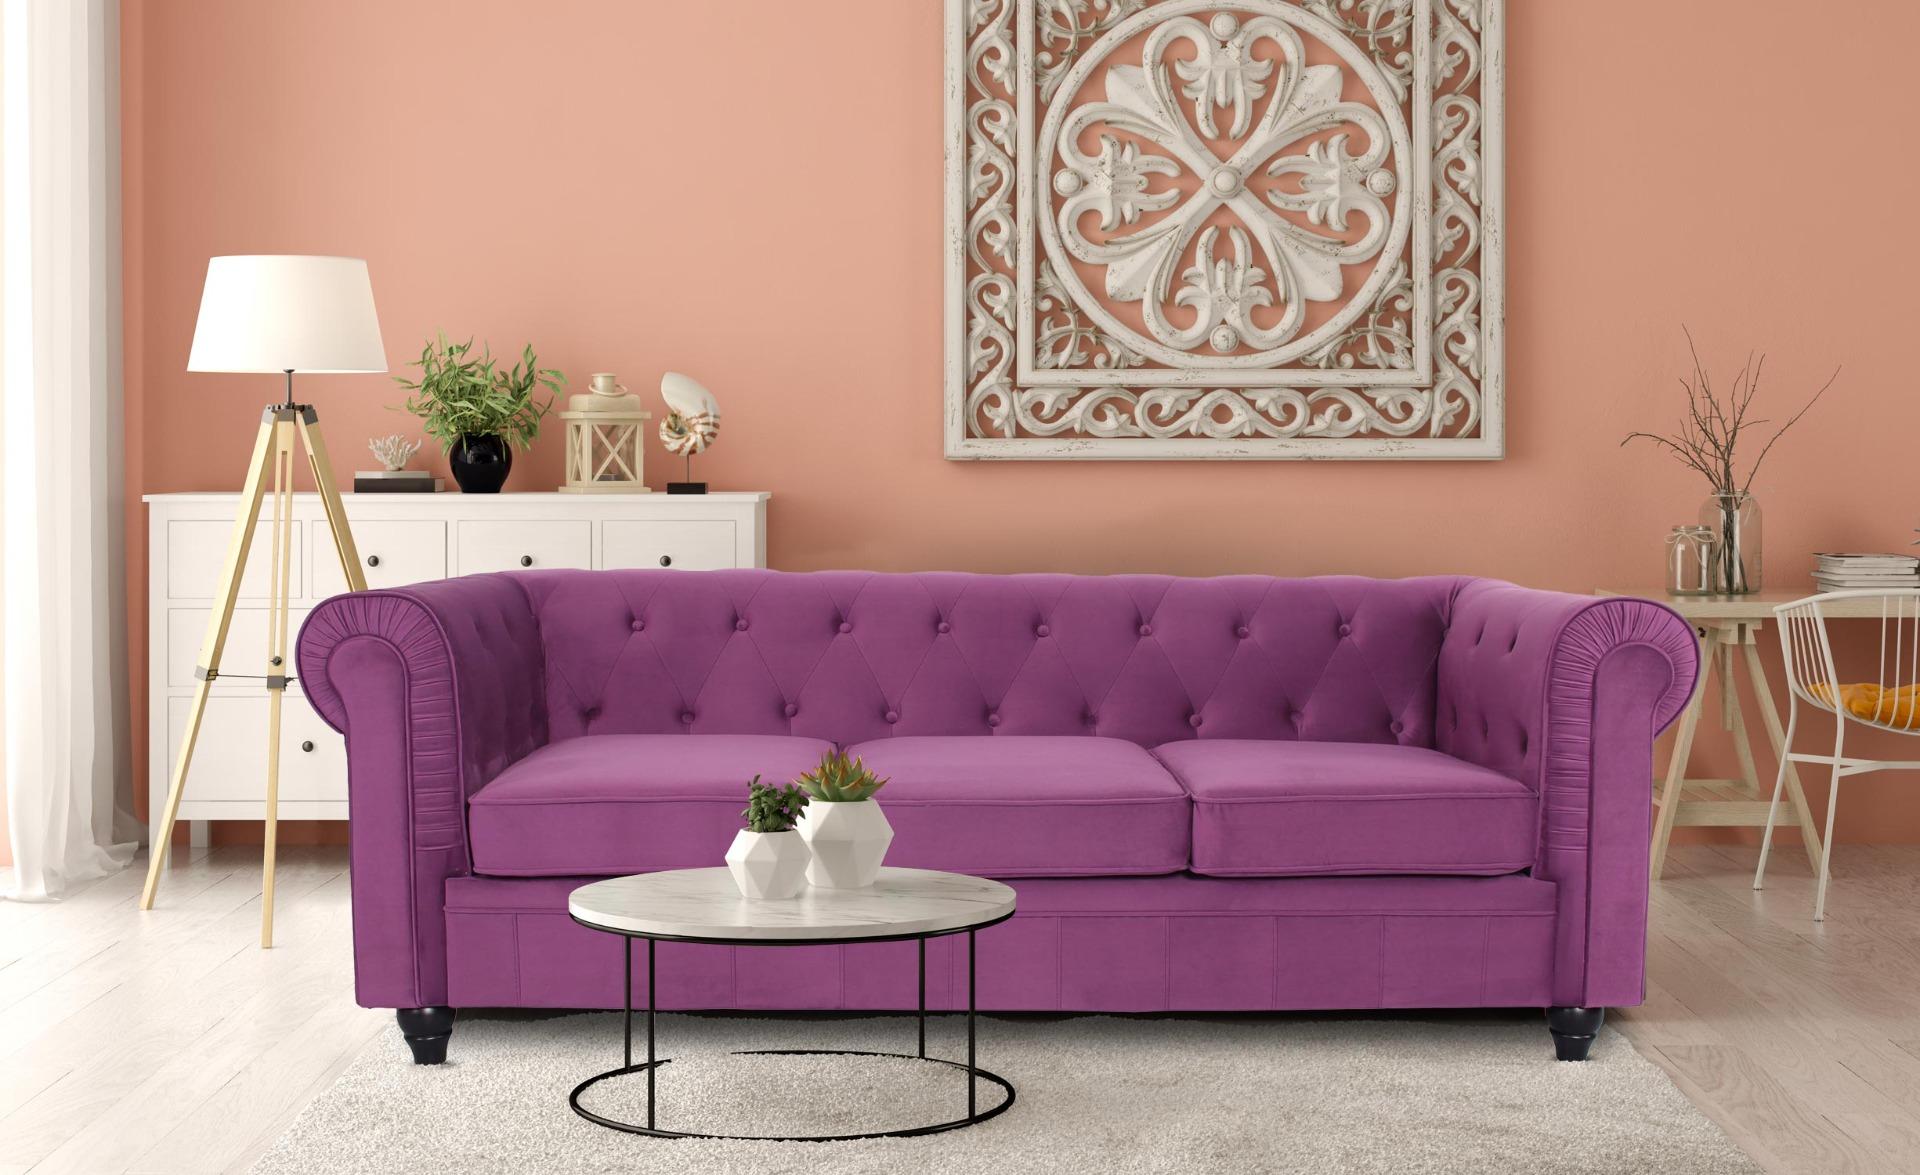 Grande divano a 3 posti Chesterfield in velluto viola